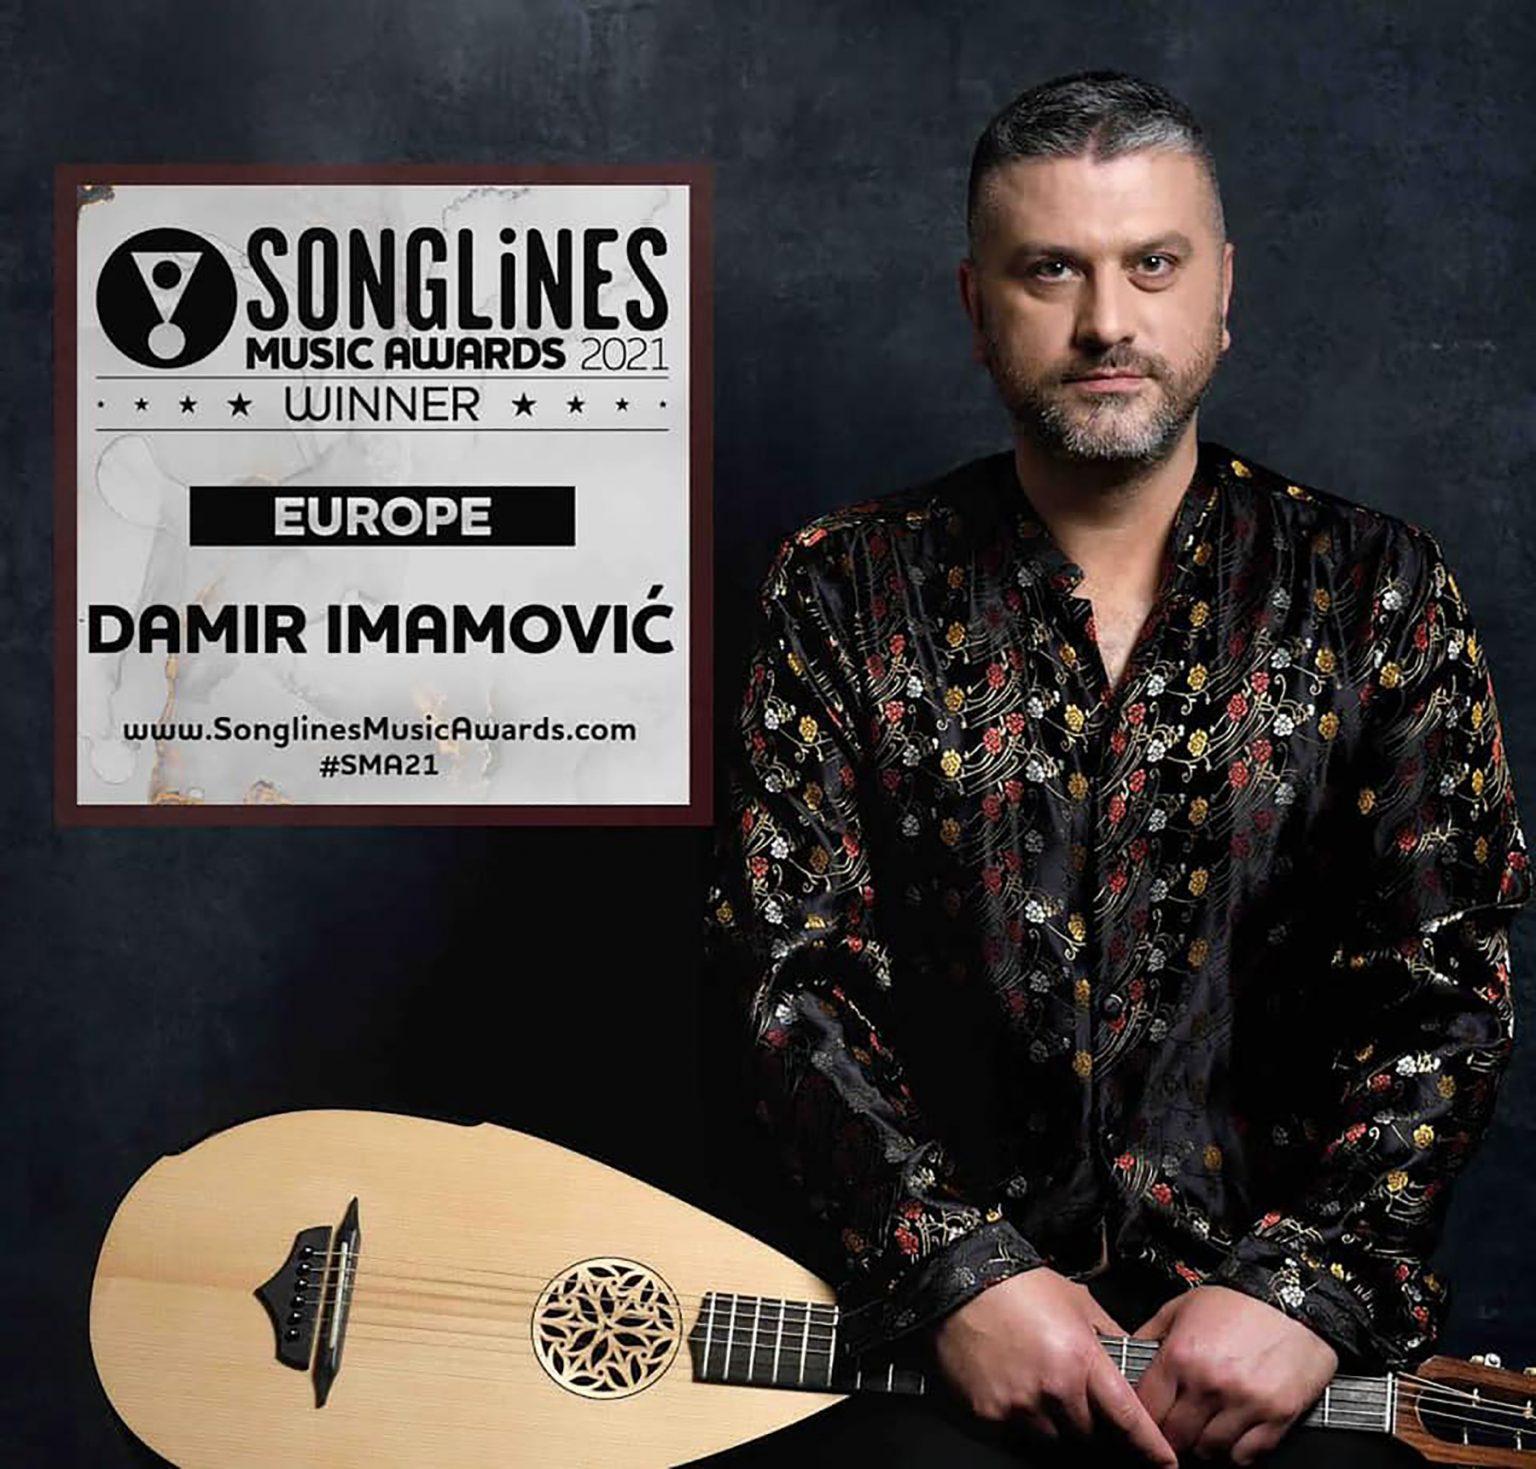 Damir Imamović proglašen najboljim evropskim umetnikom